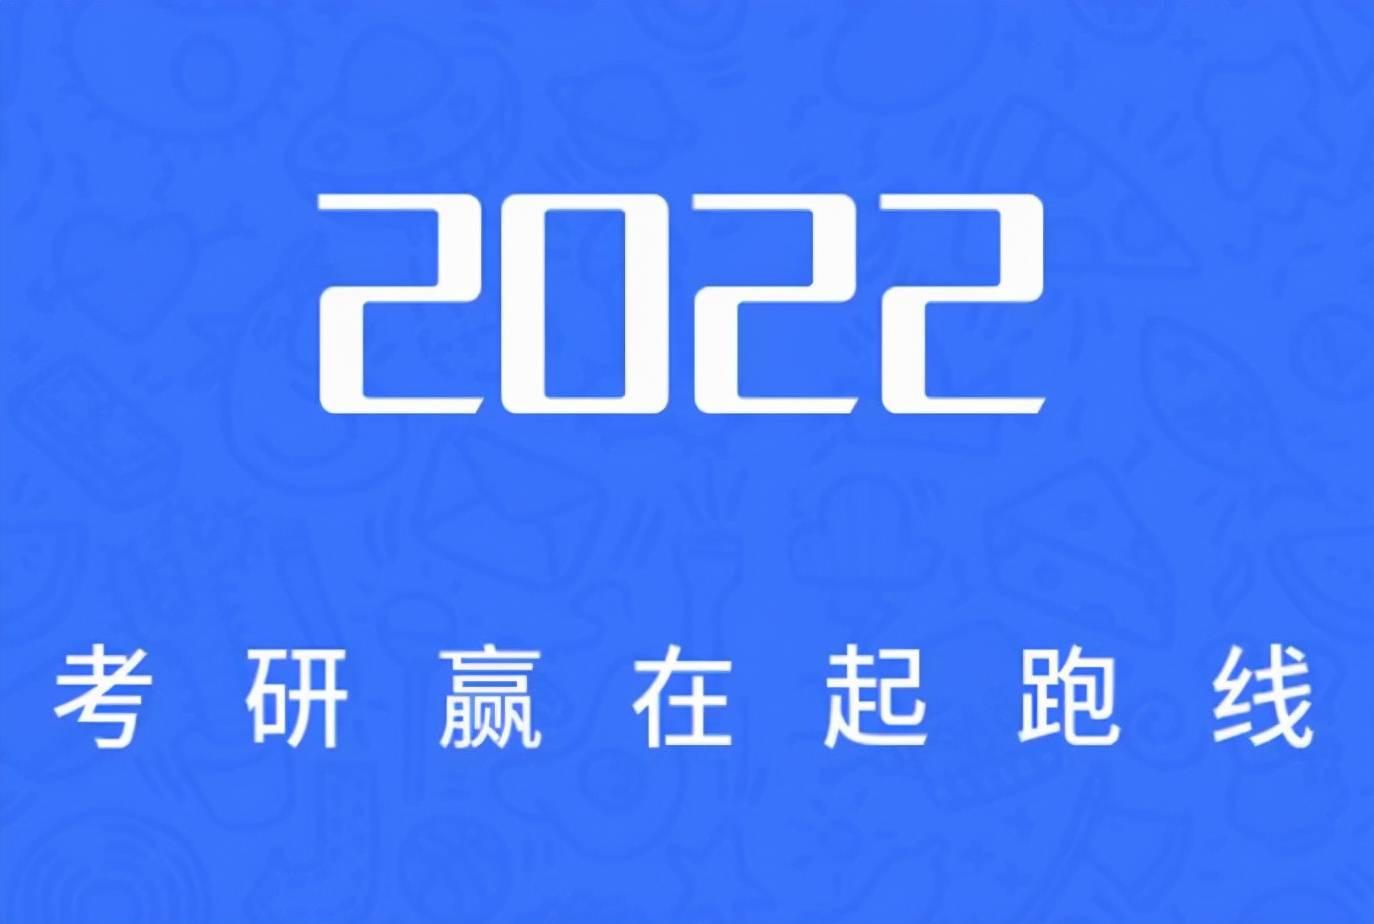 """2022考研""""新规""""频繁出现,考研党要提前做好准备,避免踩雷"""